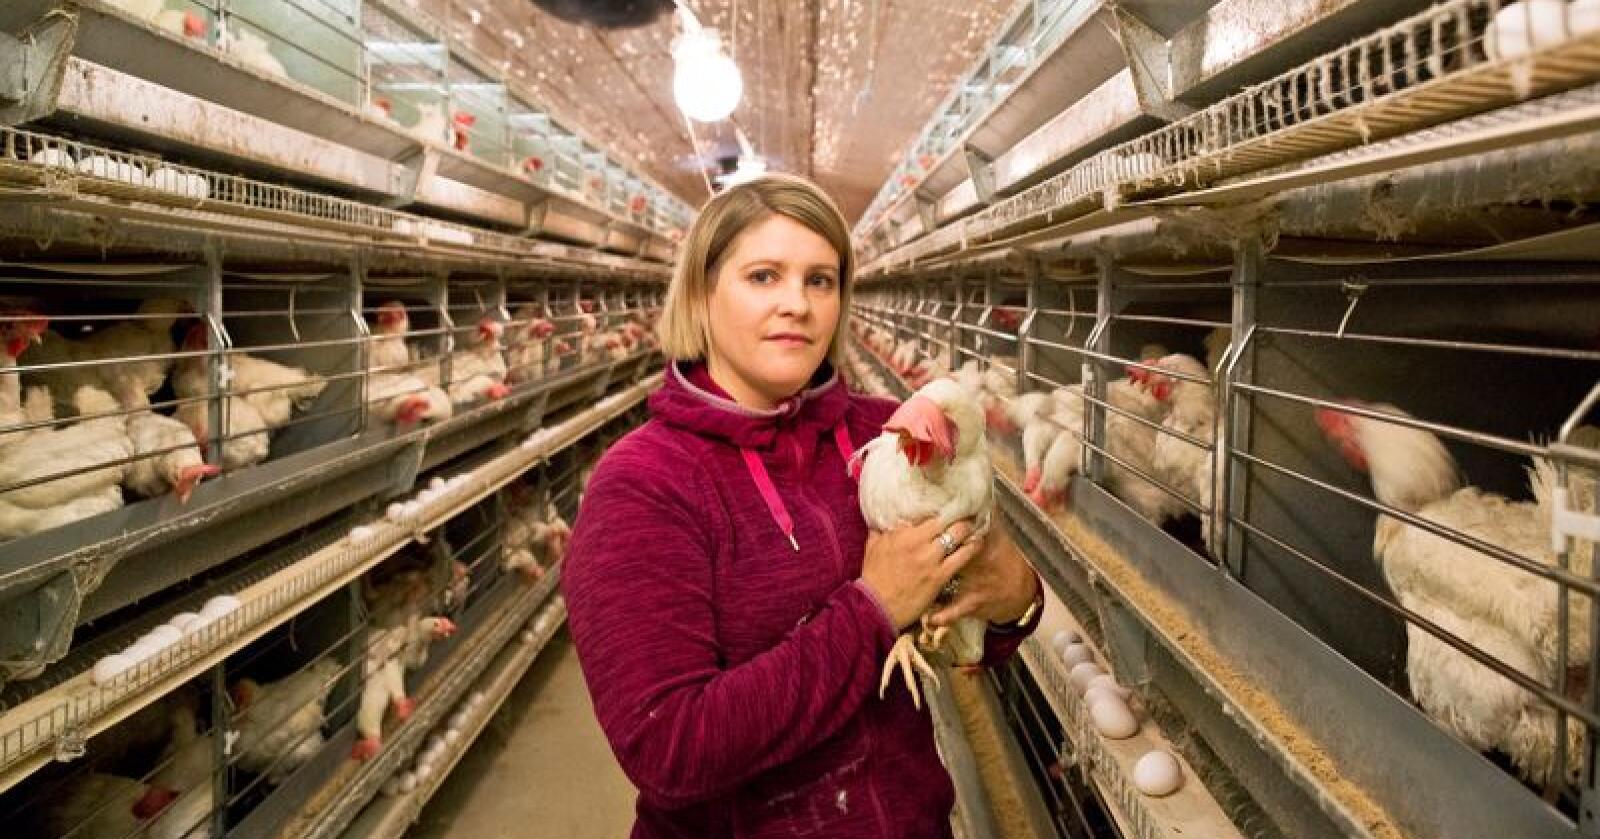 La om: Kristin Spanne Fausk (36) er bonde og eggprodusent på Finnøy utanfor Stavanger i Rogaland. Saman med faren installerte dei nye, moderne miljøbur i 2008/09. No, ti år seinare, vil ei ny stor omstilling til frittgåande bli for tungt økonomisk. Foto: Solfrid Sande